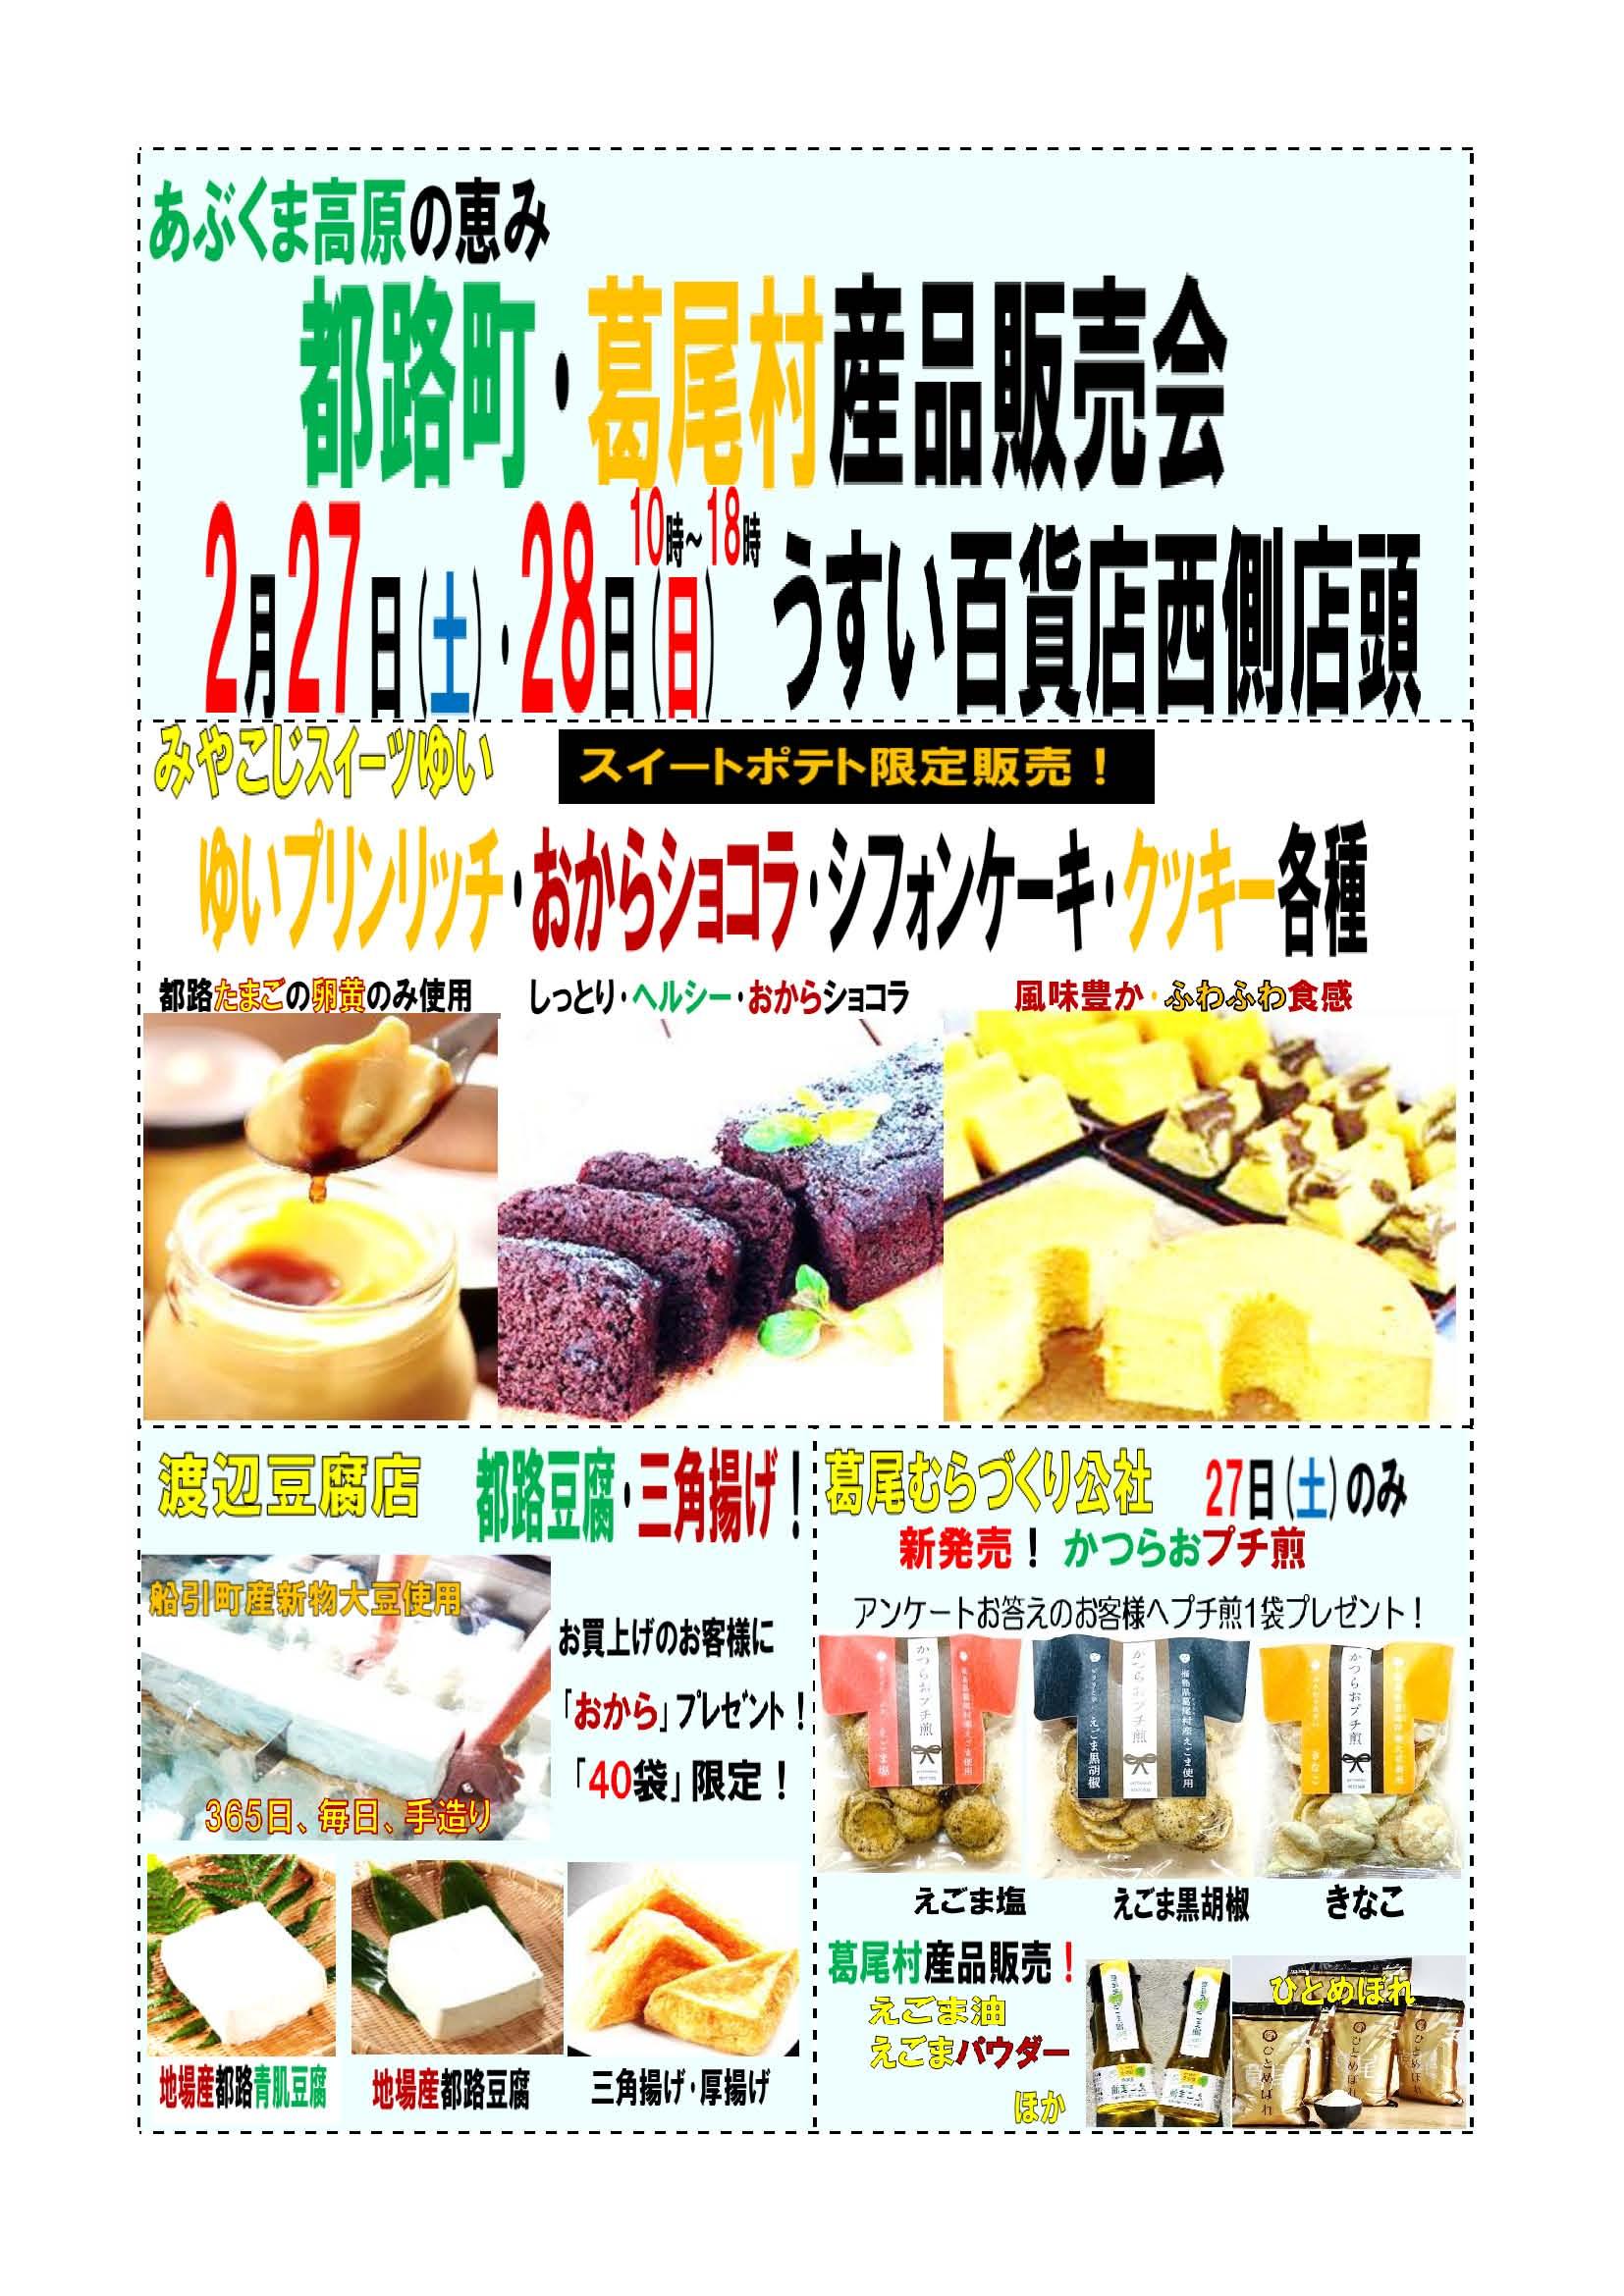 都路町・葛尾村産品販売会◆2月27日(土)・28日(日)